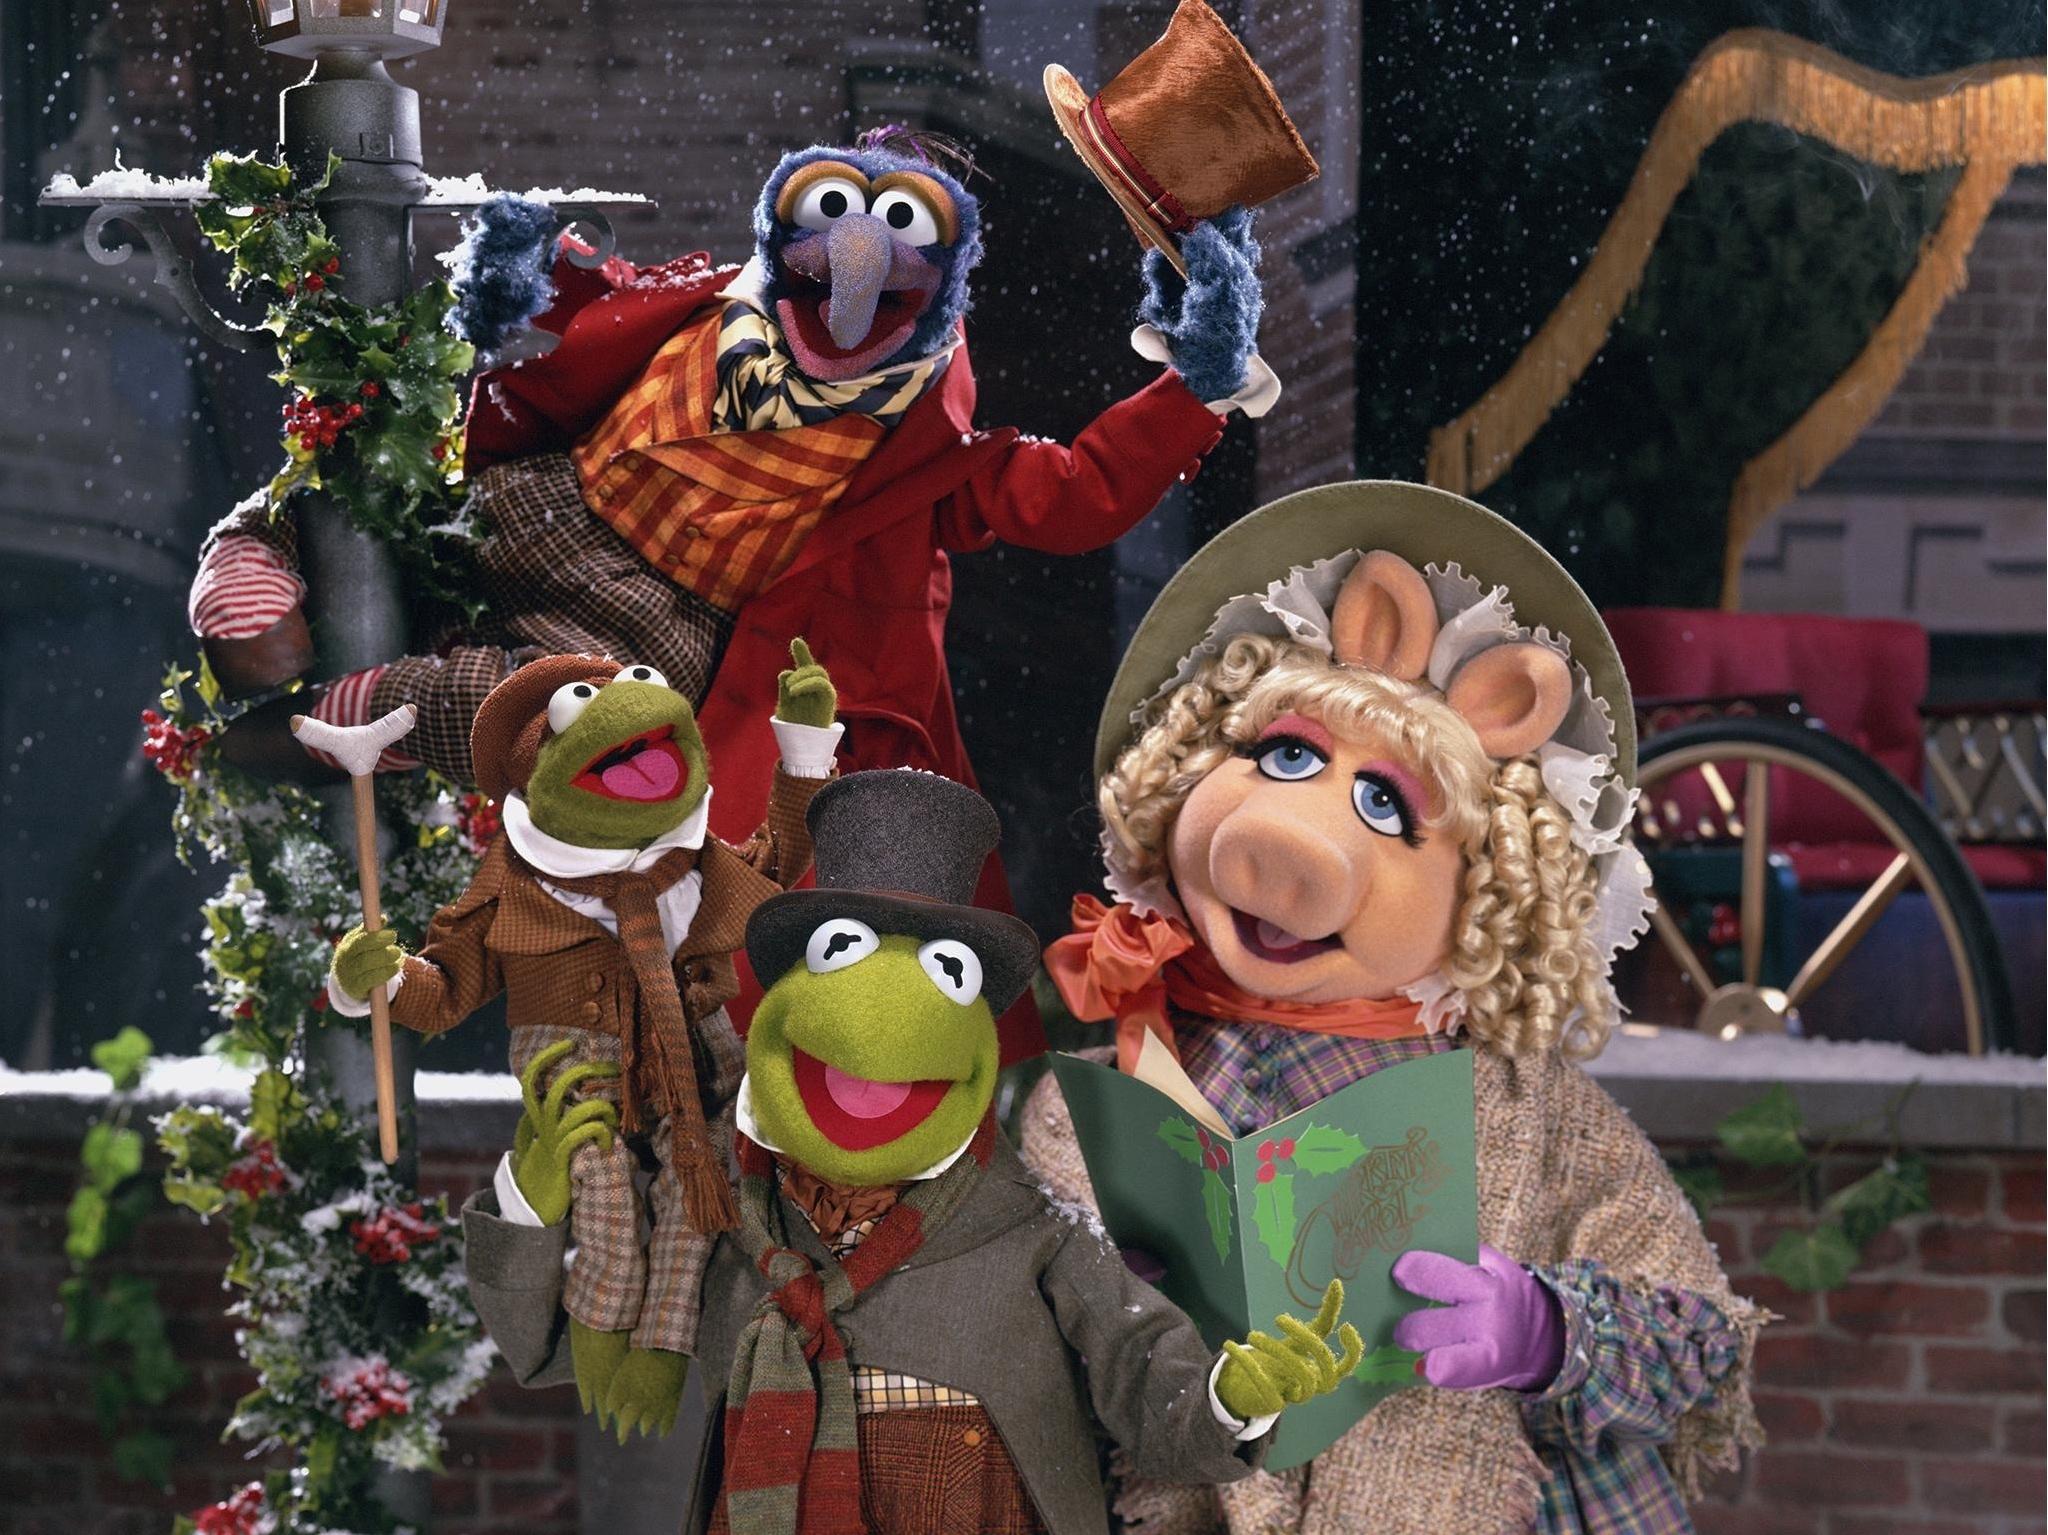 Una Navidad con los Muppets, adaptación navideña de Cuento de Navidad de Charles Dickens